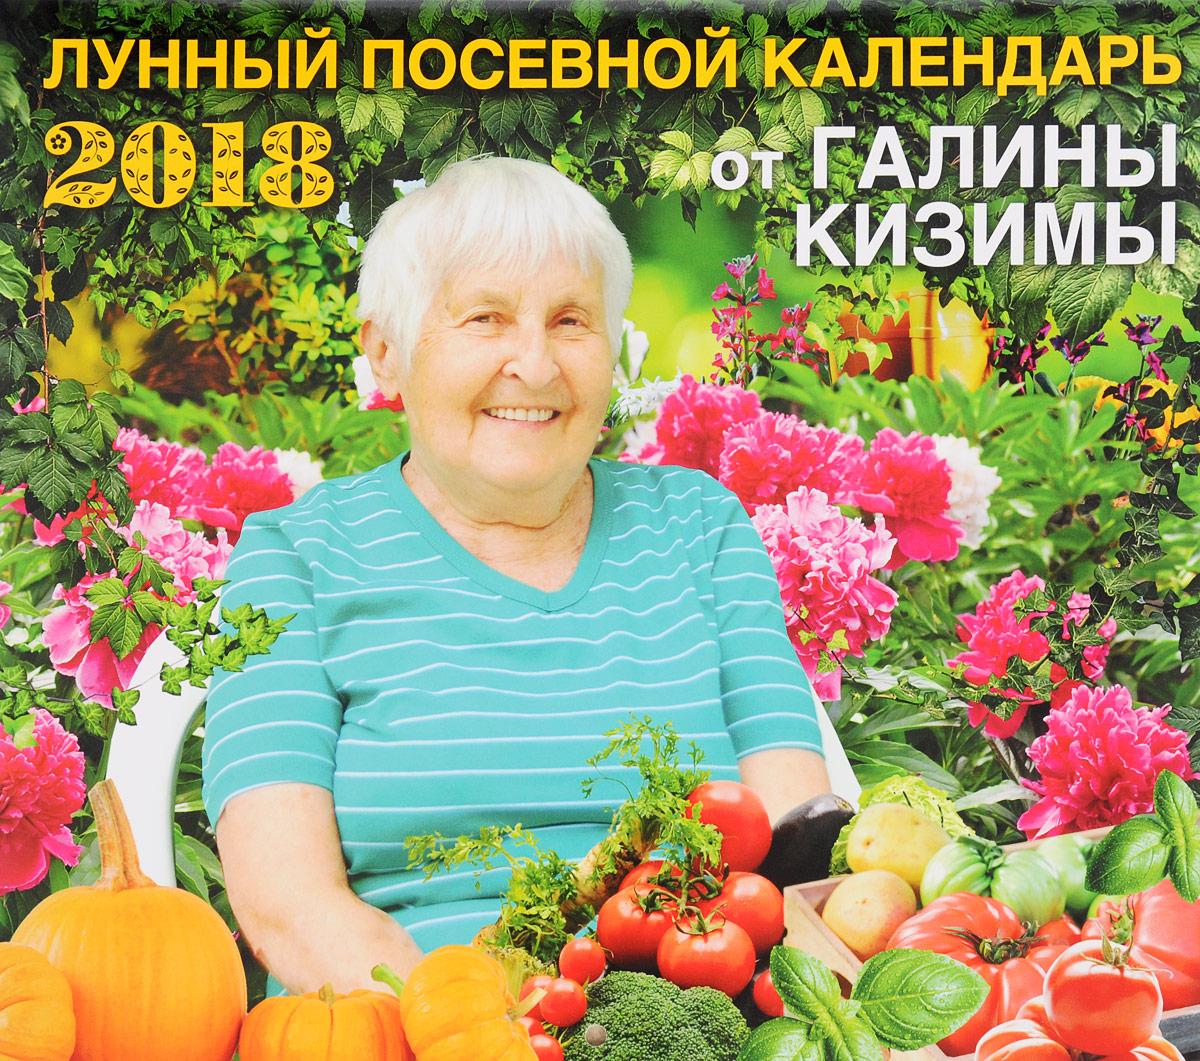 Галина Кизима Лунный посевной календарь от Галины Кизимы 2018 цена